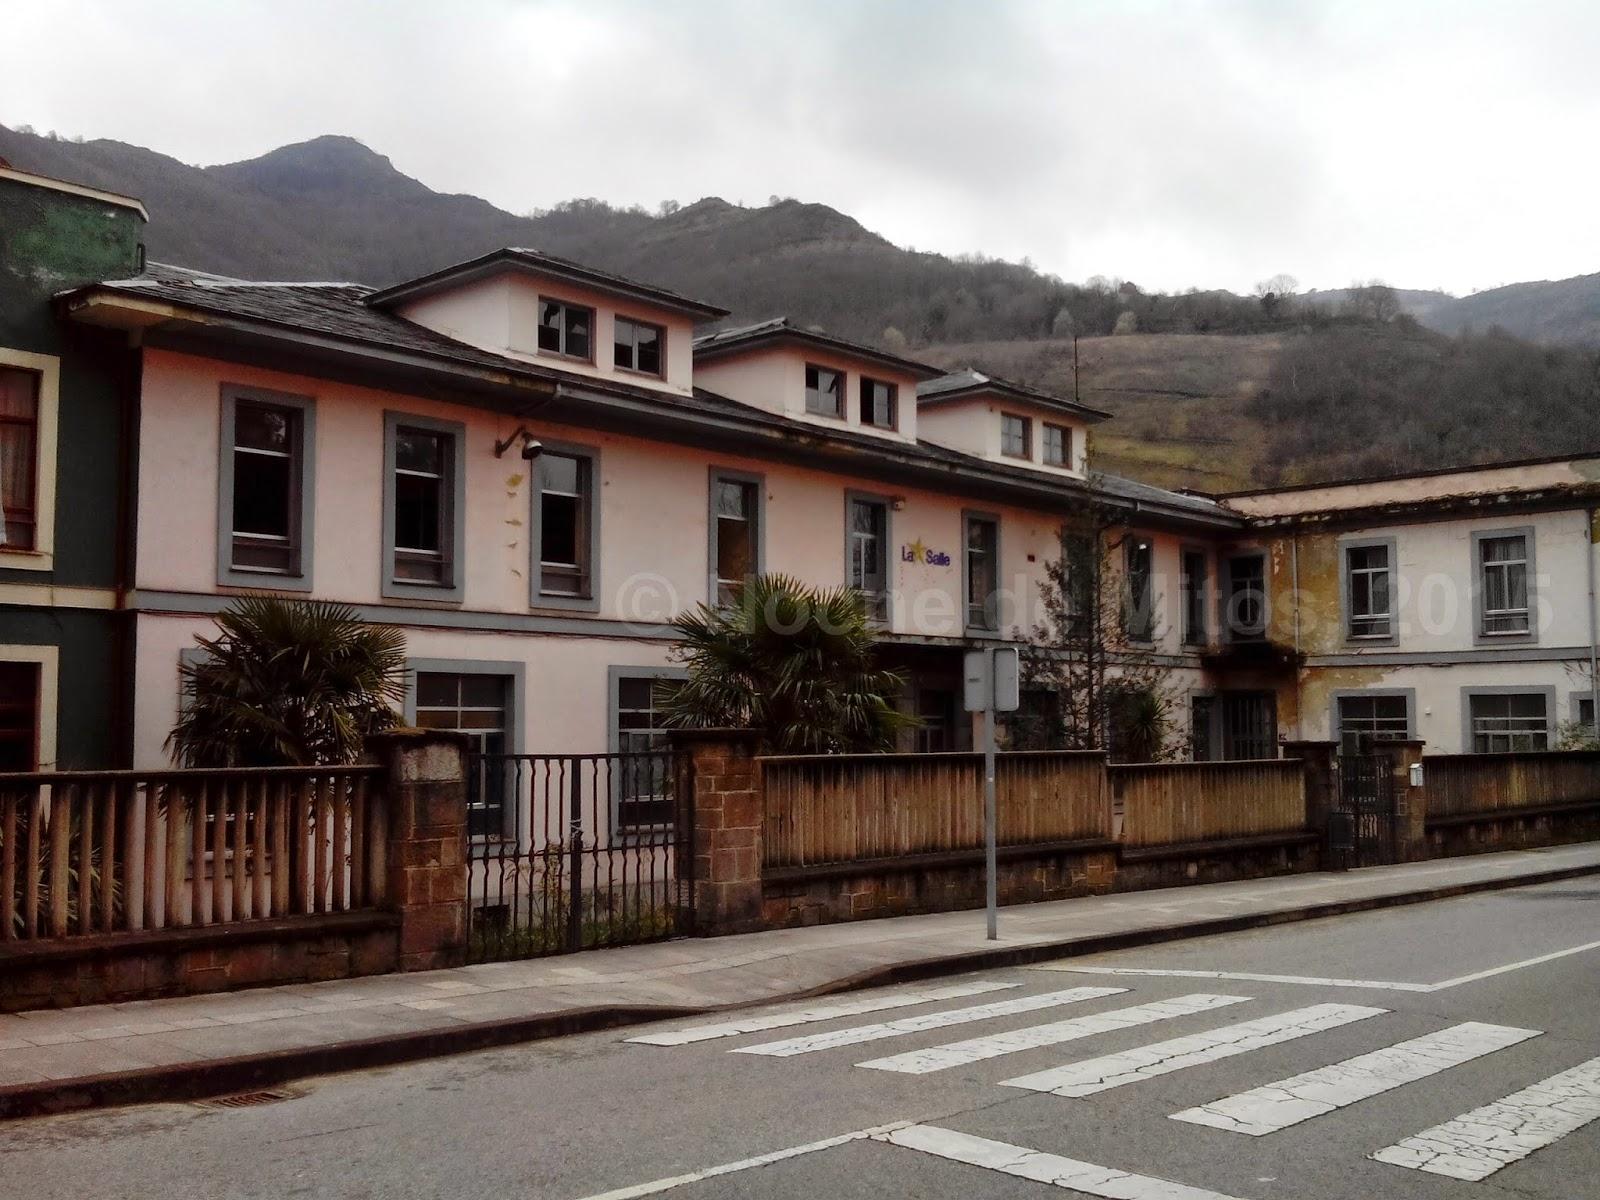 http://nochedemitos.blogspot.com/2015/04/album-especial-colegio-de-turon-podcast.html